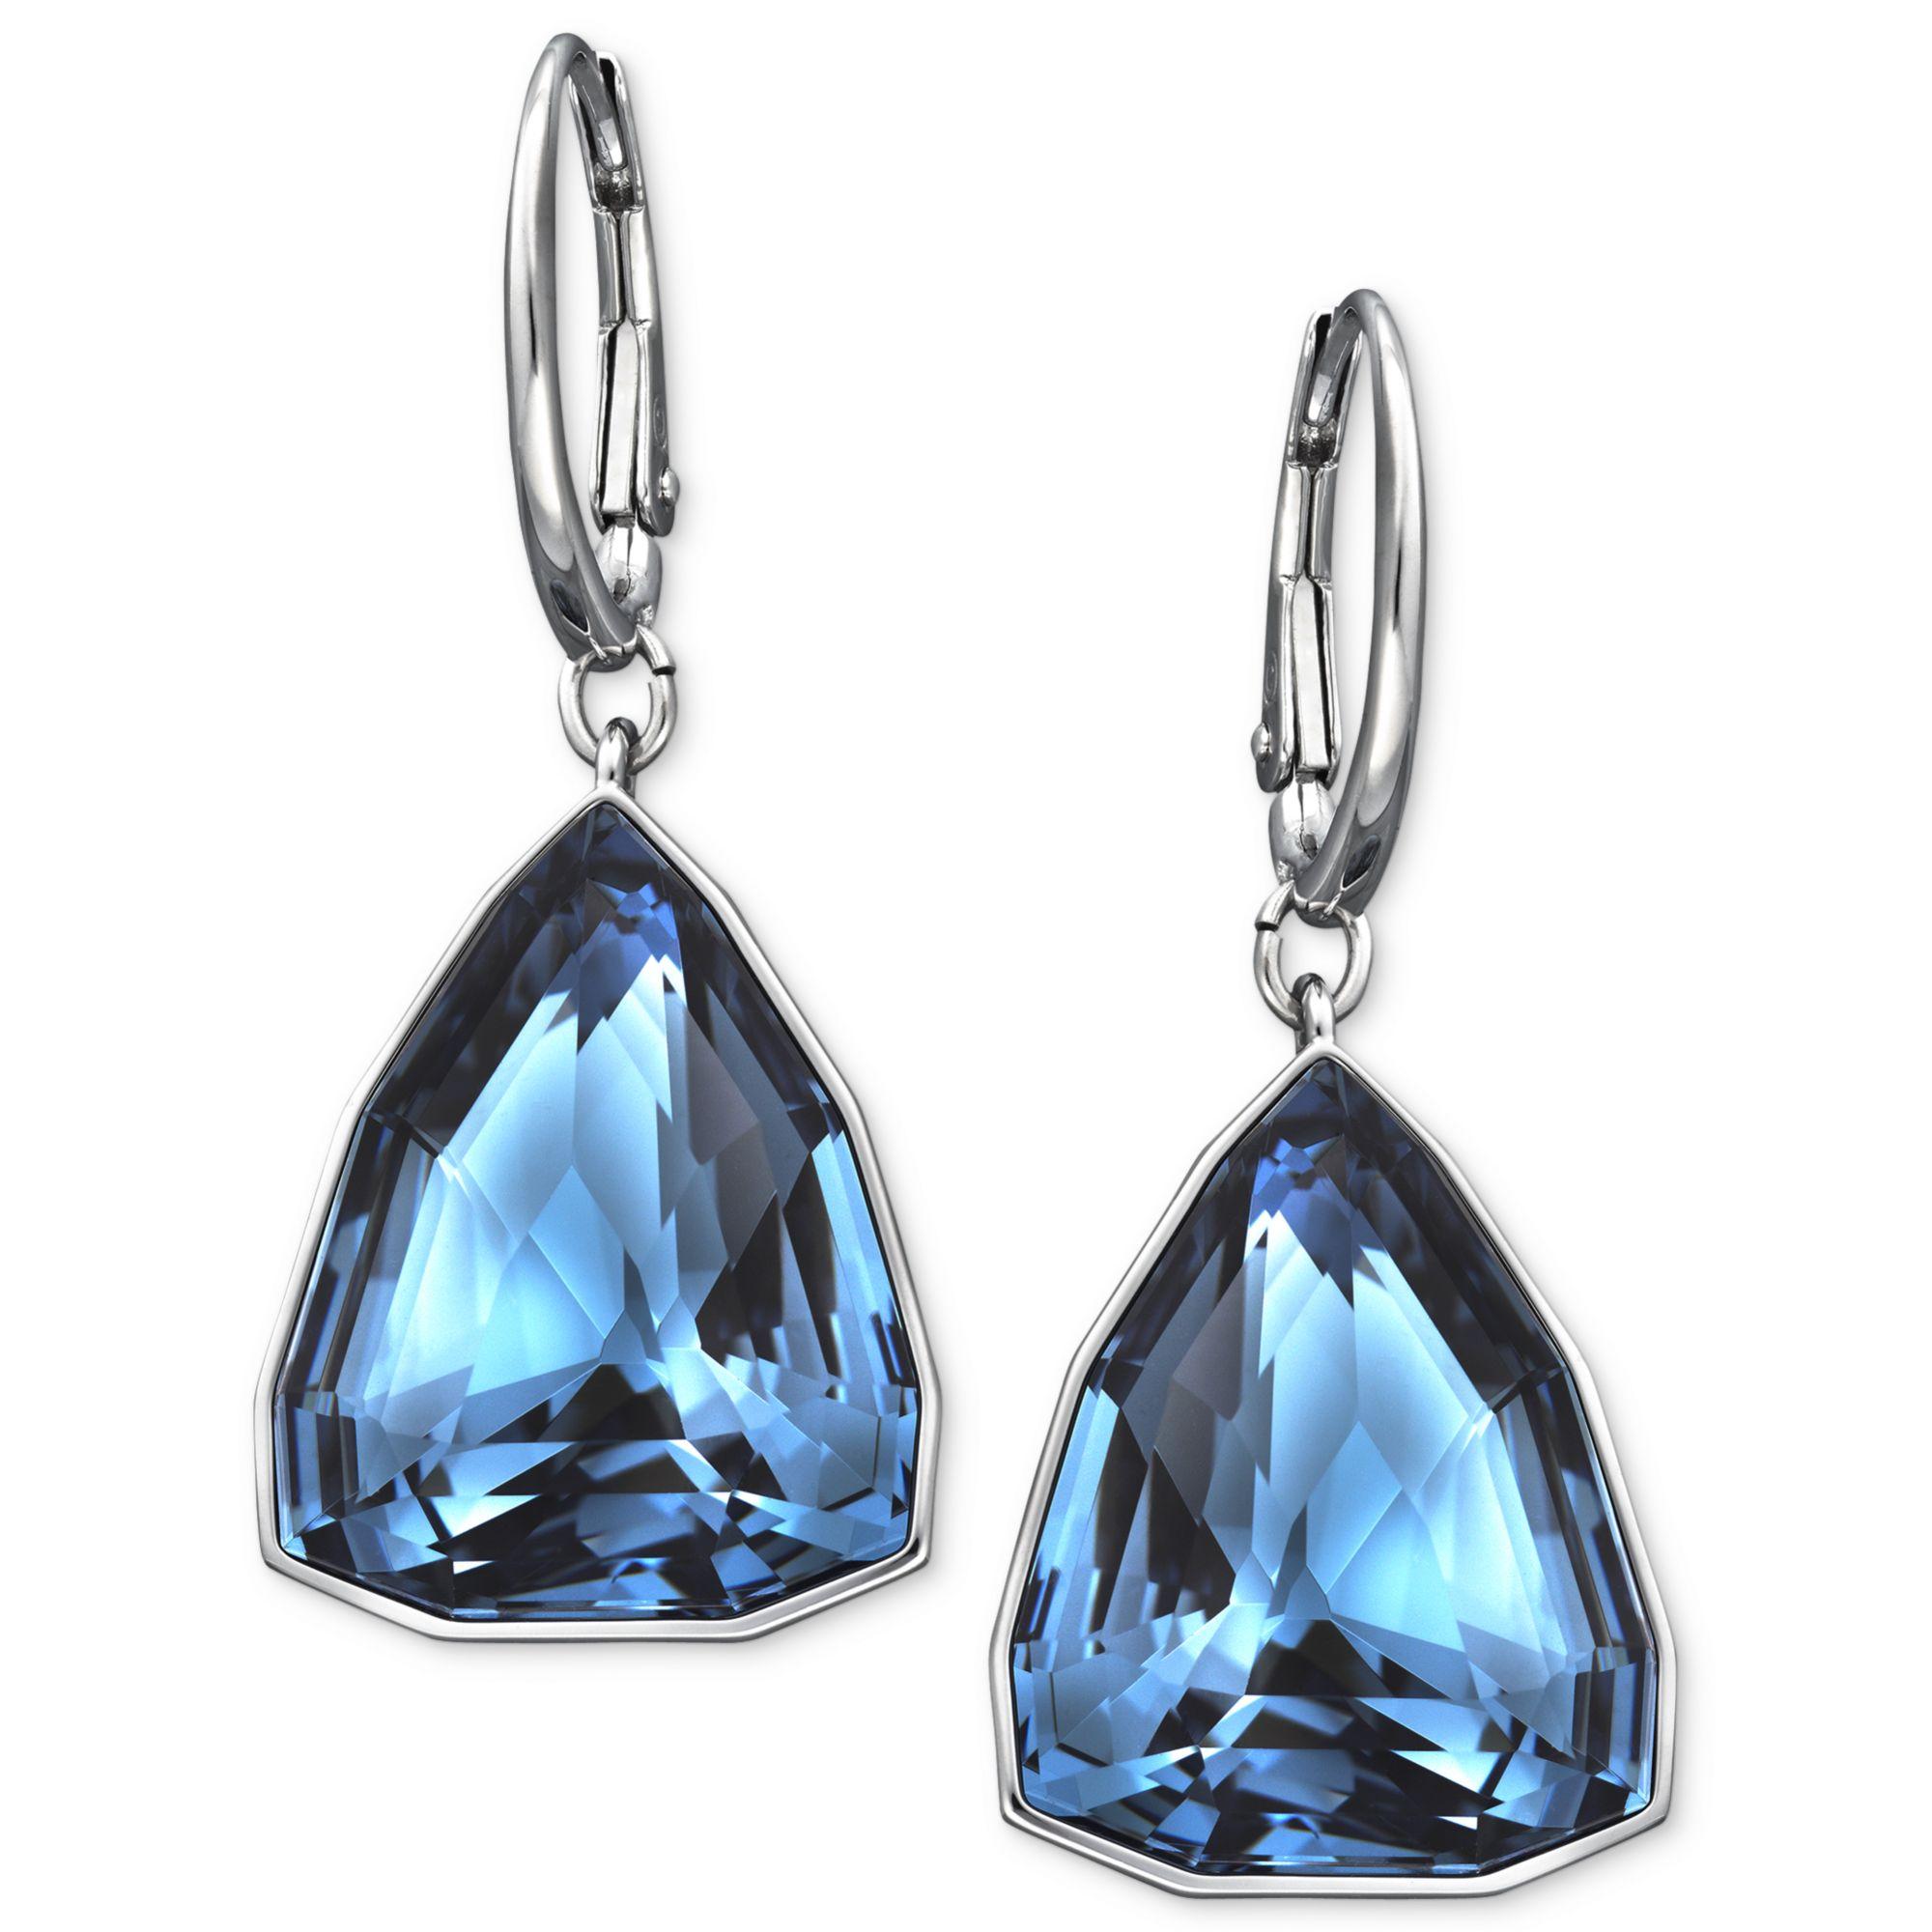 Rhodiumplated Triangular Denim Blue Crystal Drop Earrings